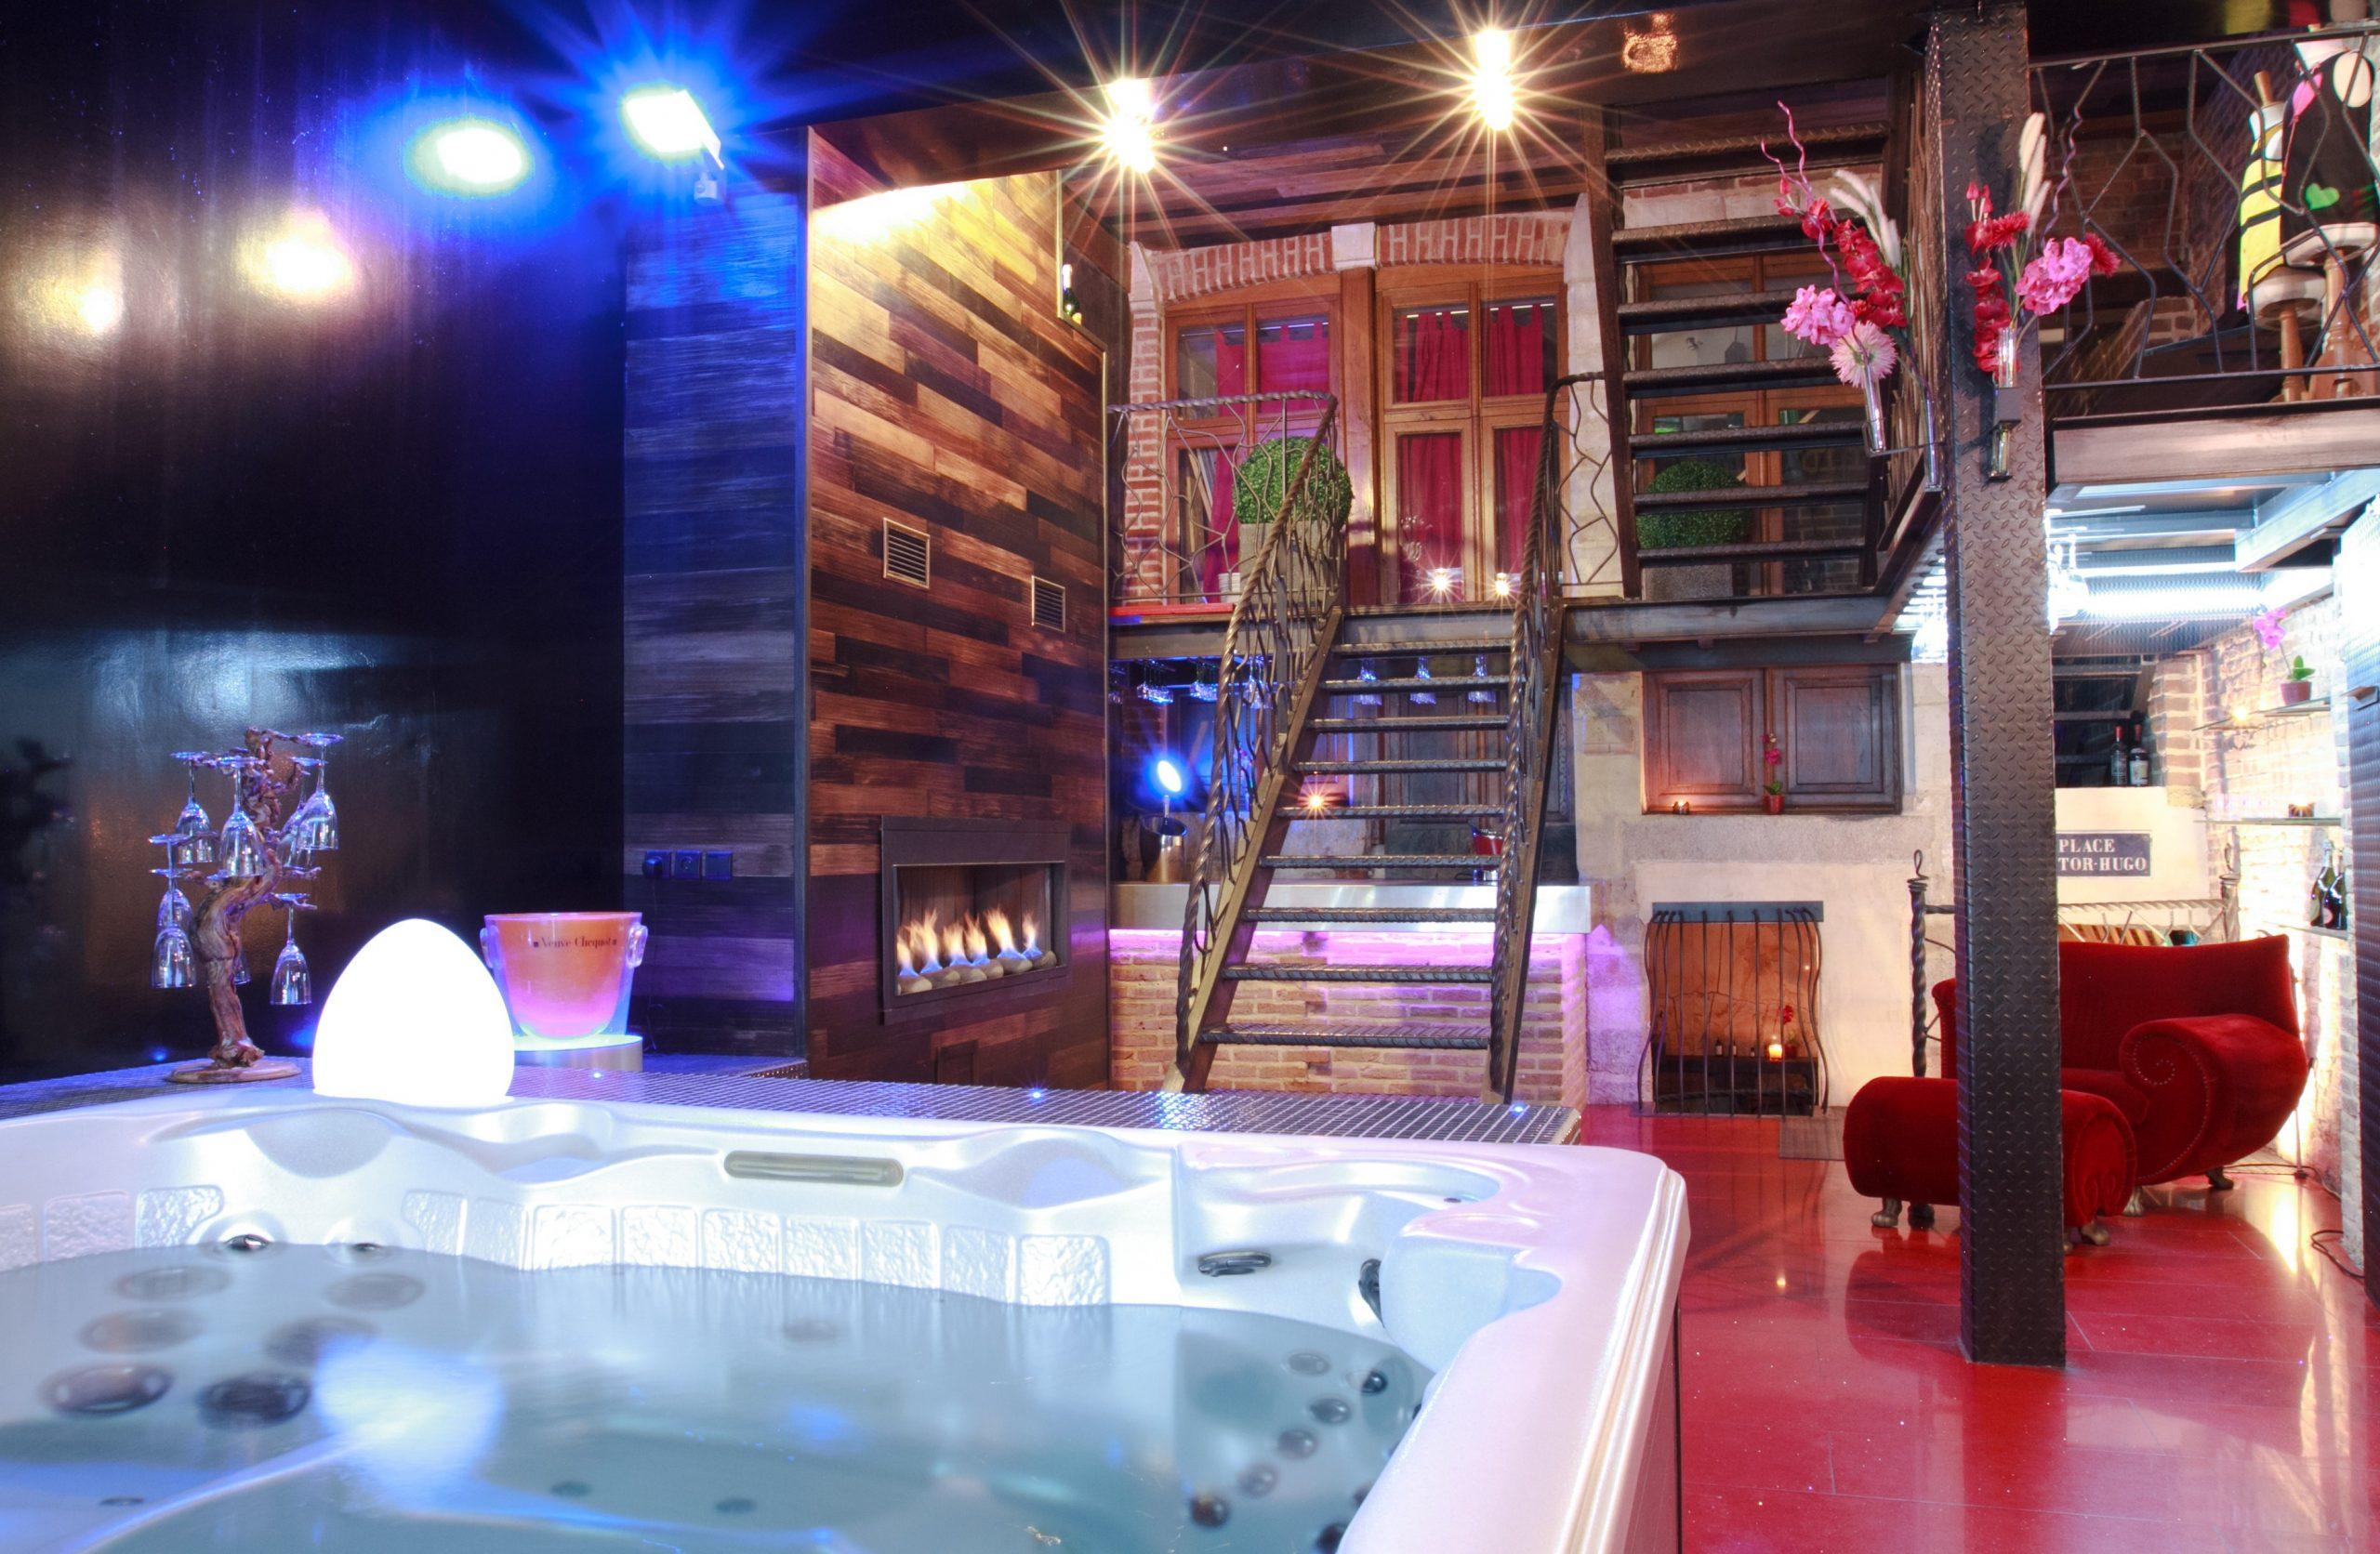 Hotel Jacuzzi Privatif Lyon Beau Spa Privatif Lyon Perfect Interieur Suite Avec Jacuzzi Privatif Lyon Agencecormierdelauniere Com Agencecormierdelauniere Com